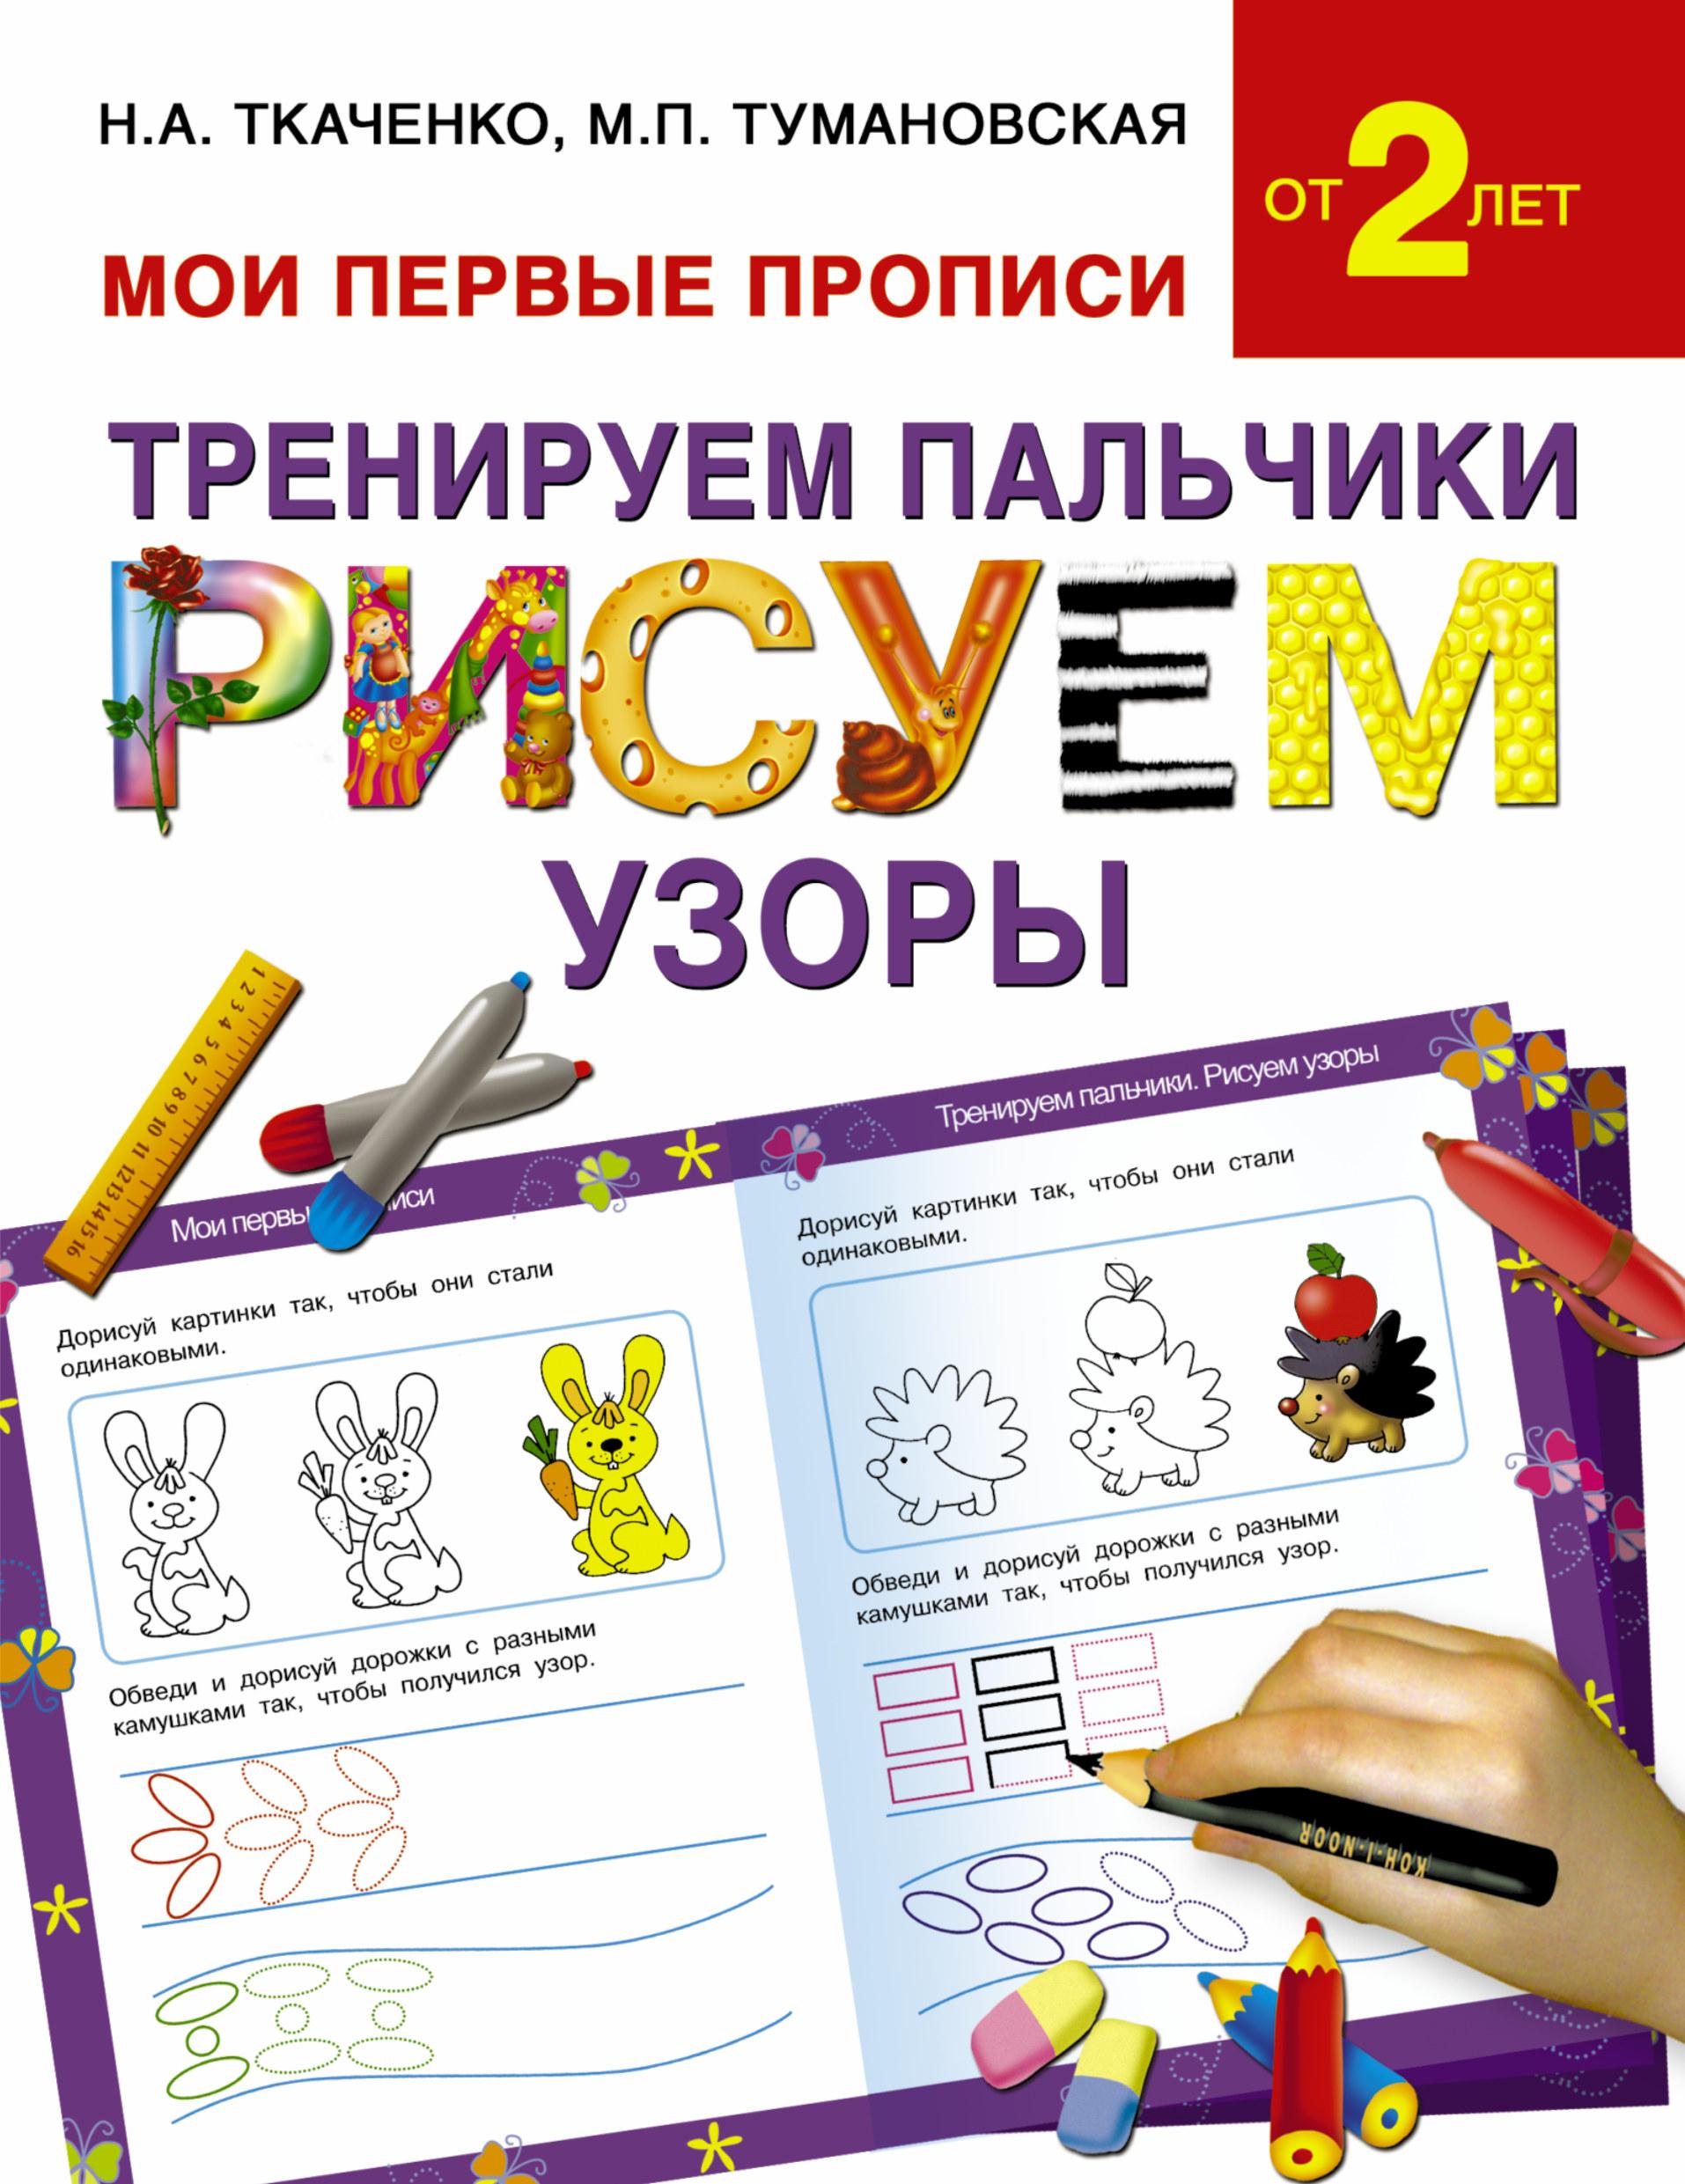 Тренируем пальчики:рисуем по узоры ( Ткаченко Н.А., Тумановская М.П.  )